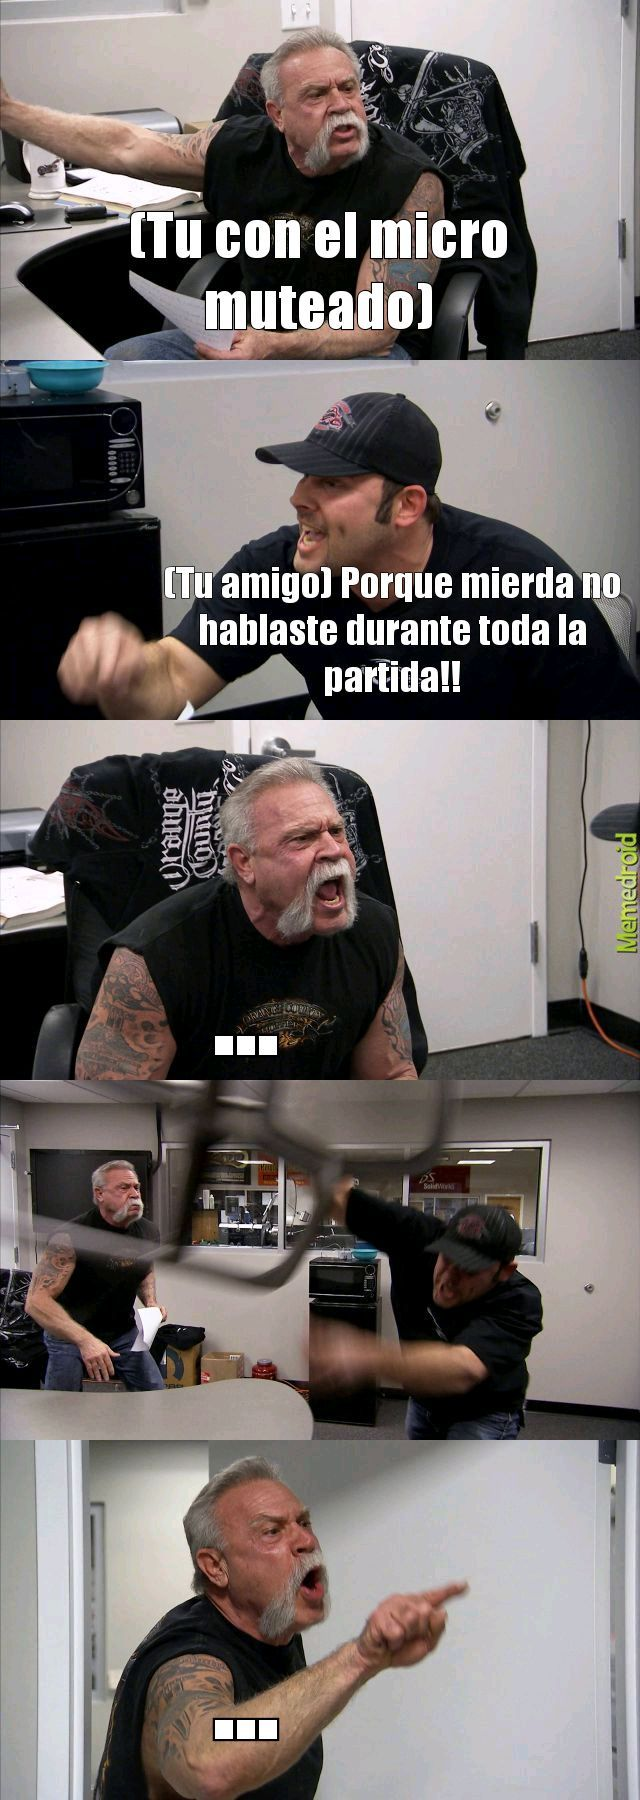 Oh shit! - meme